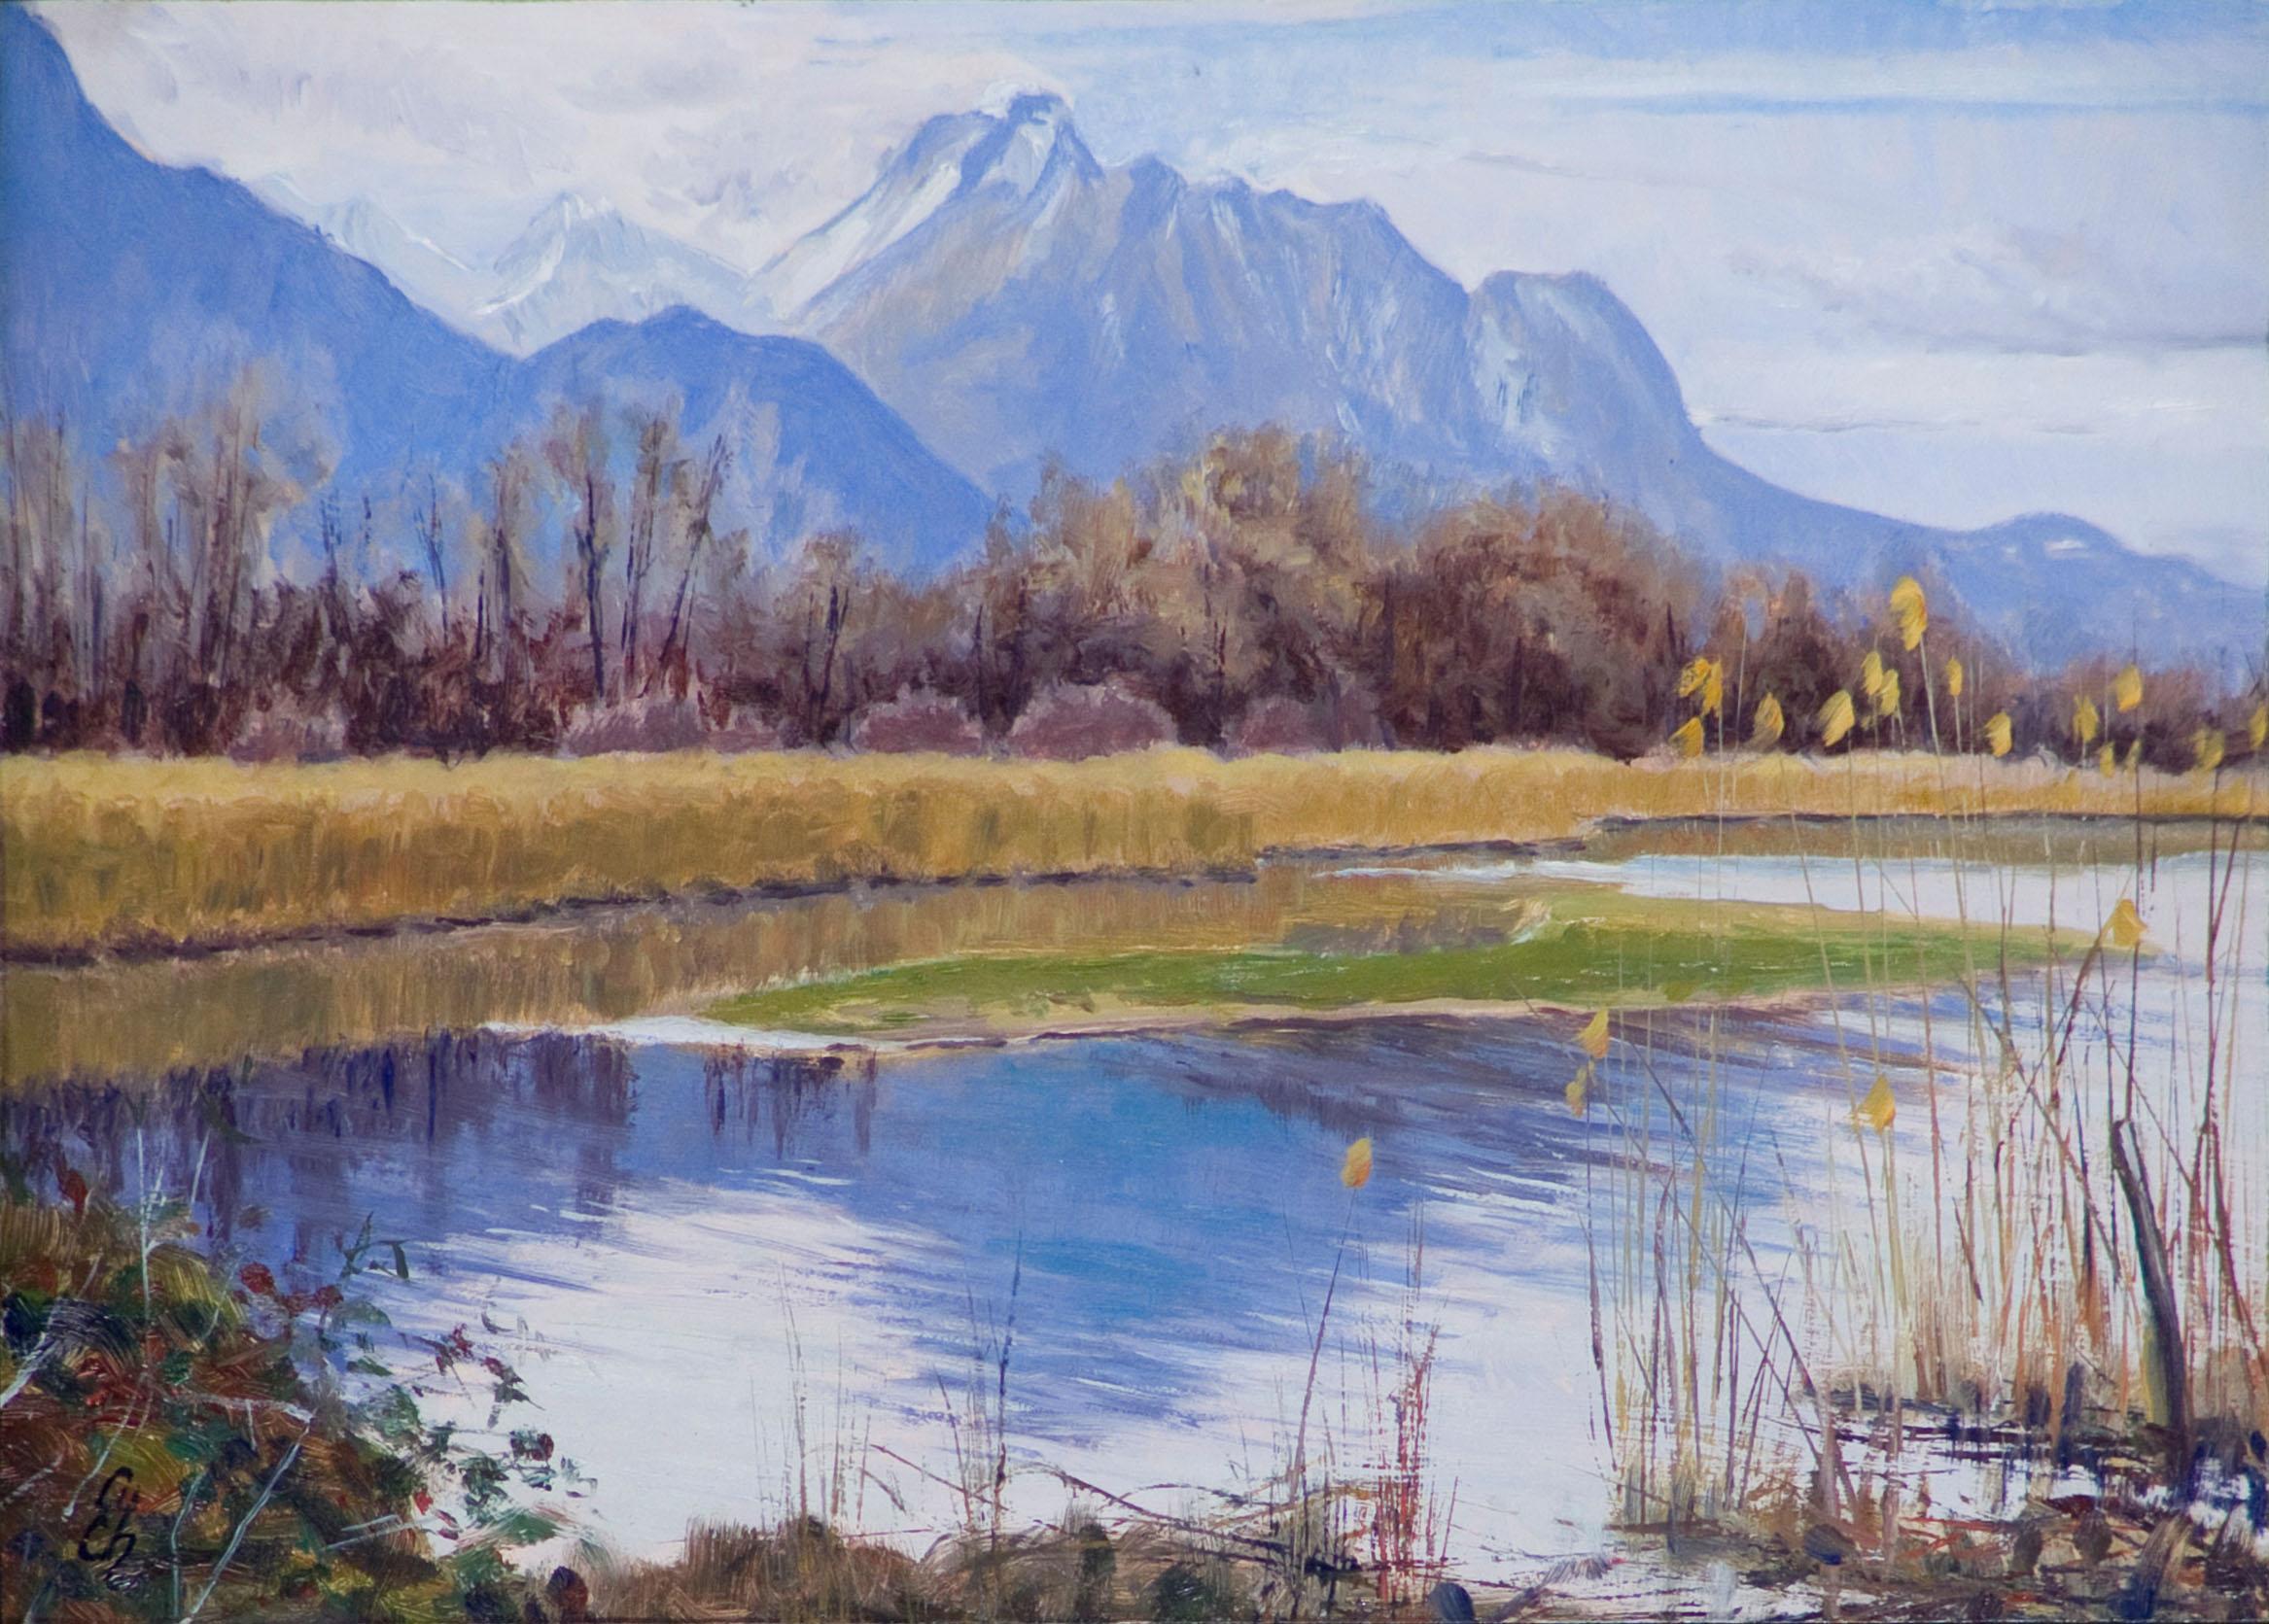 Lac Léman à Villeneuve (Grangettes) Huile sur panneau contreplaqué peuplier 25 x 35 cm Cyril de Chambrier